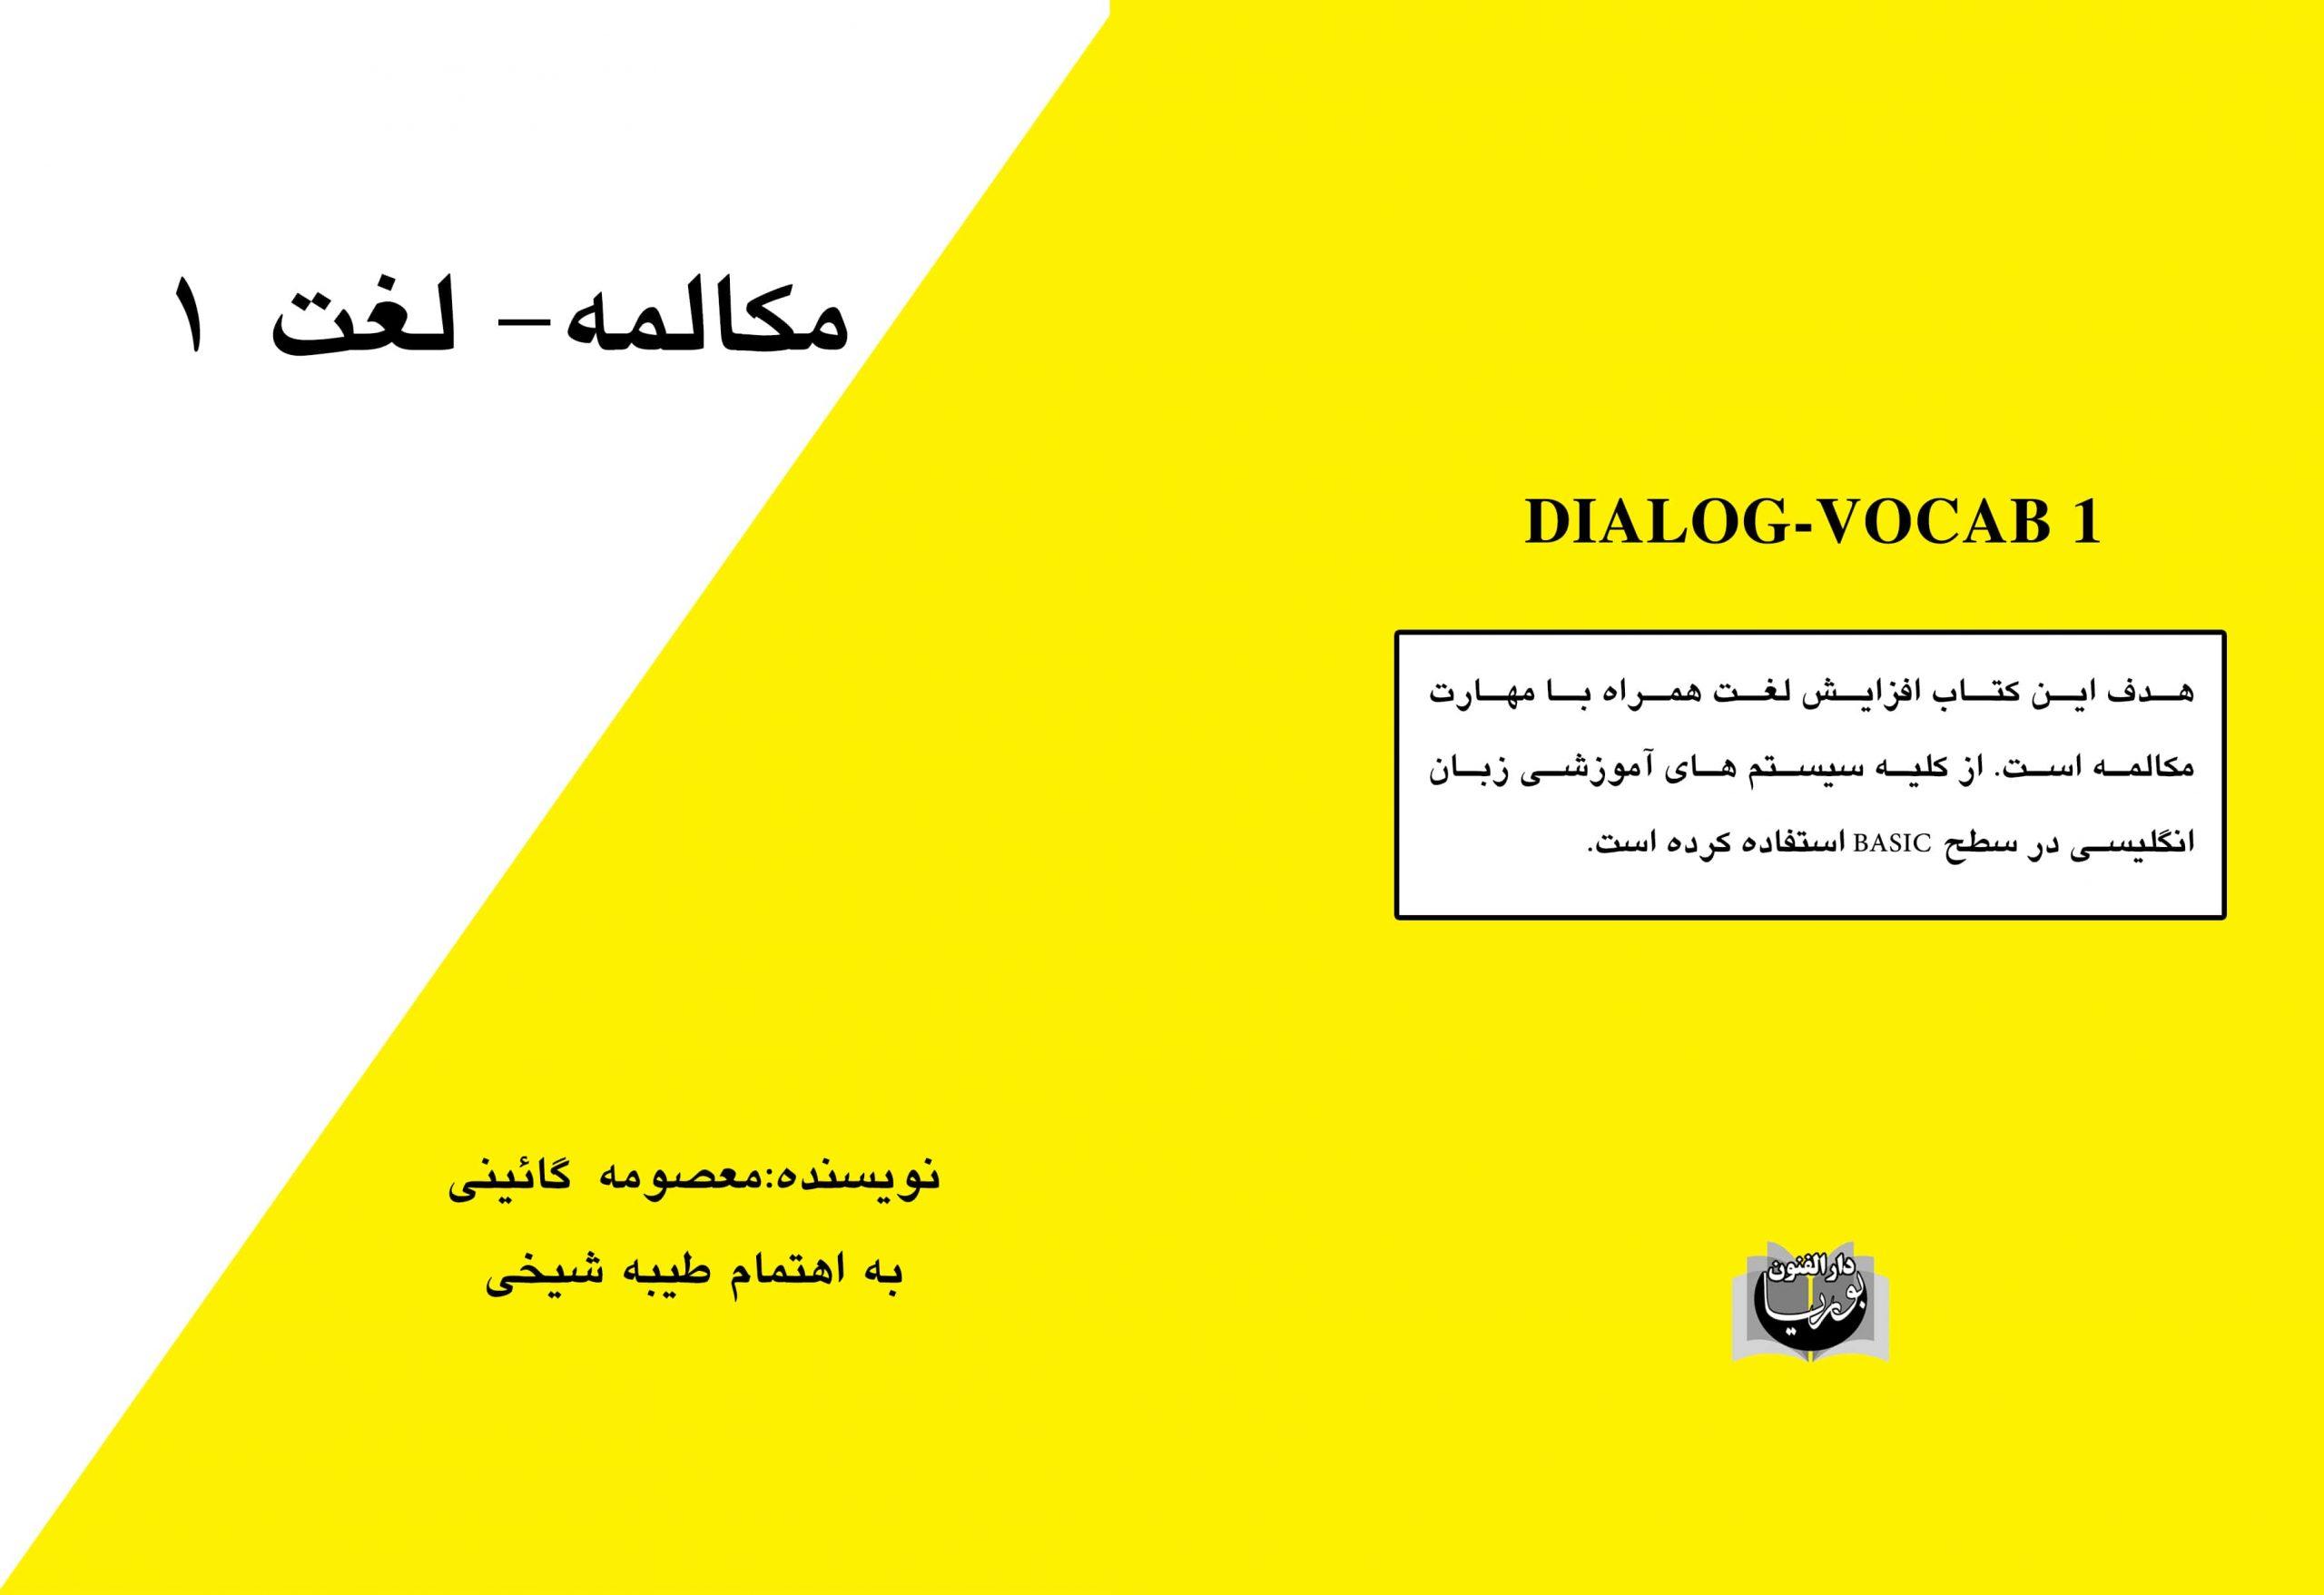 آموزش مکالمه بر پایه لغت (جلد1)